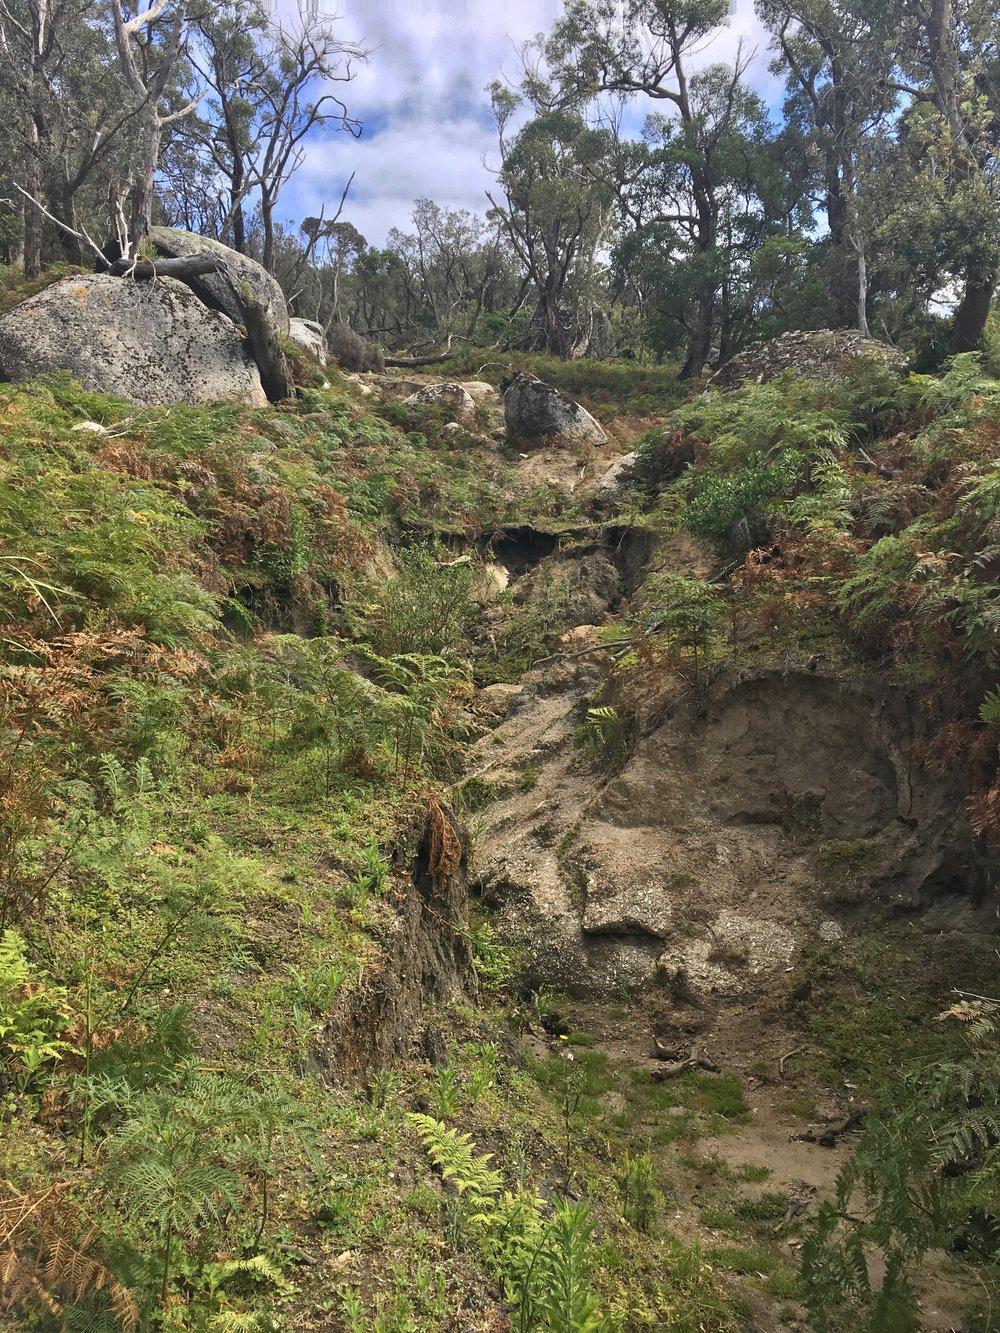 Wombat territory :)